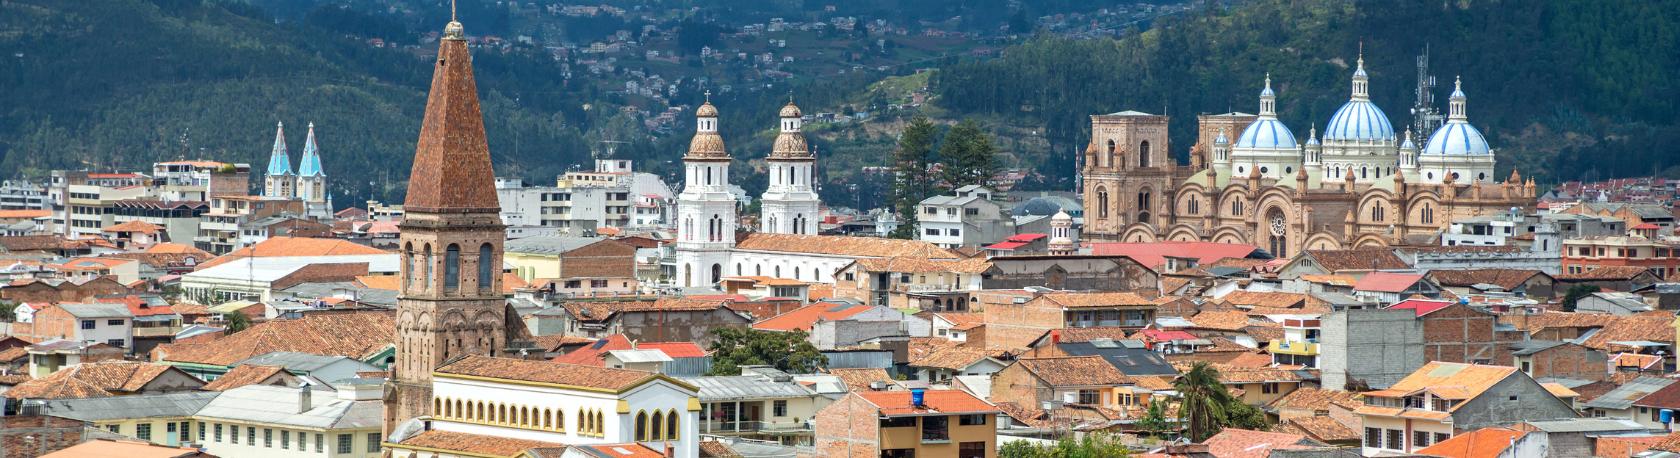 Let's Go to Ecuador: Cuenca Virtual Visit - Easy Español